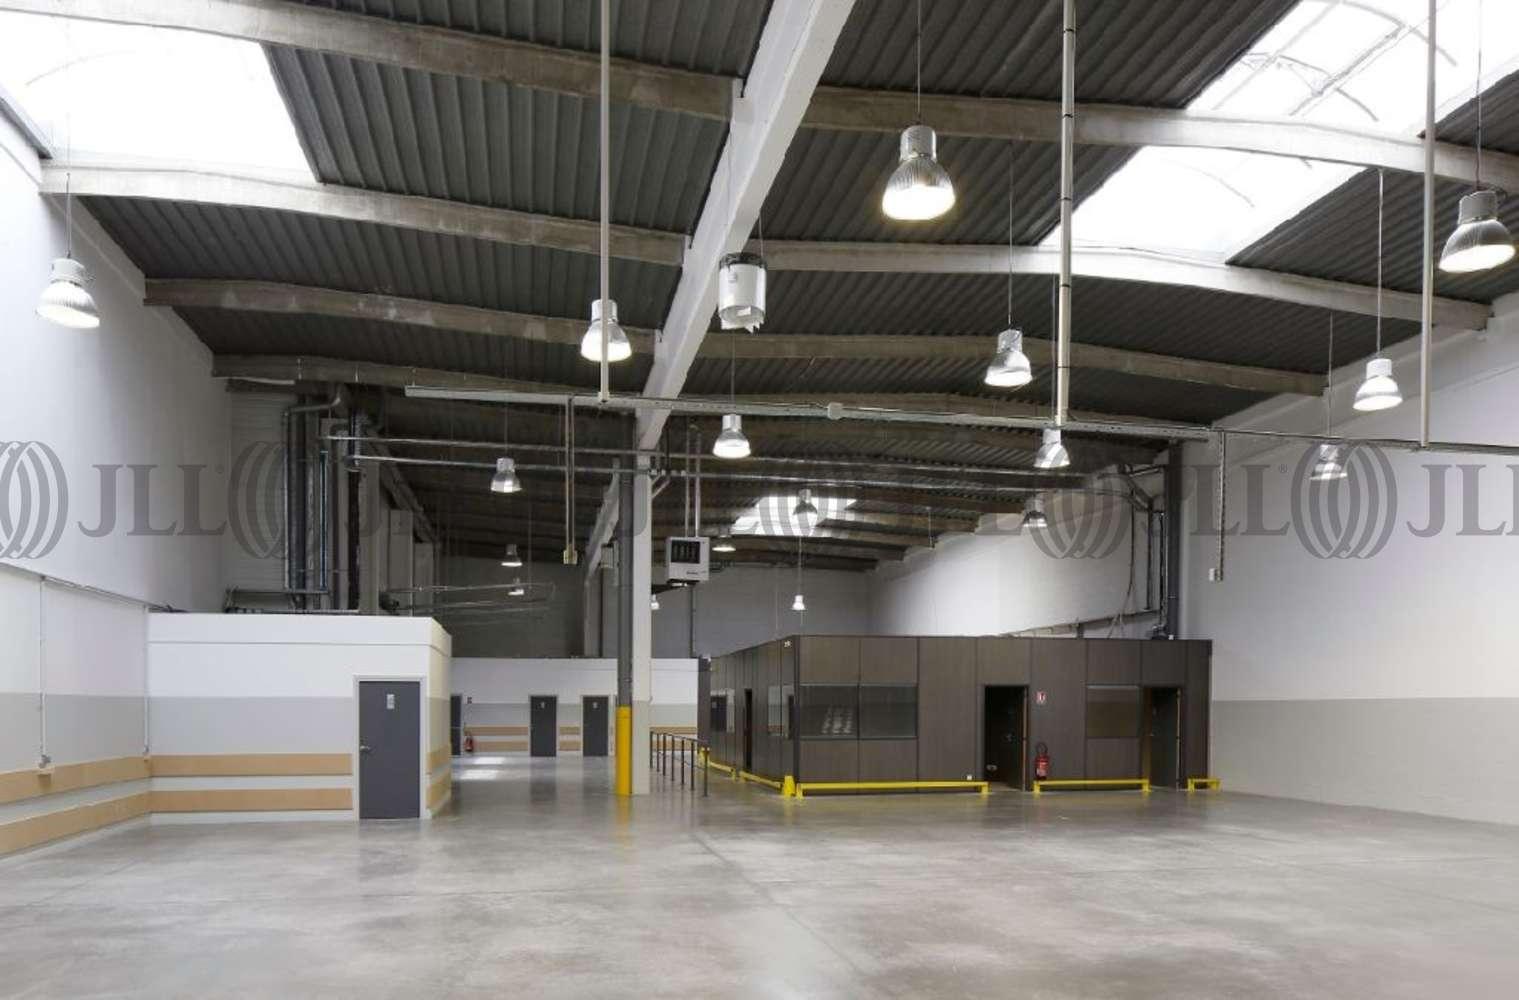 Activités/entrepôt Cergy st christophe, 95800 - 2 RUE DU PETIT ALBI - 9459718